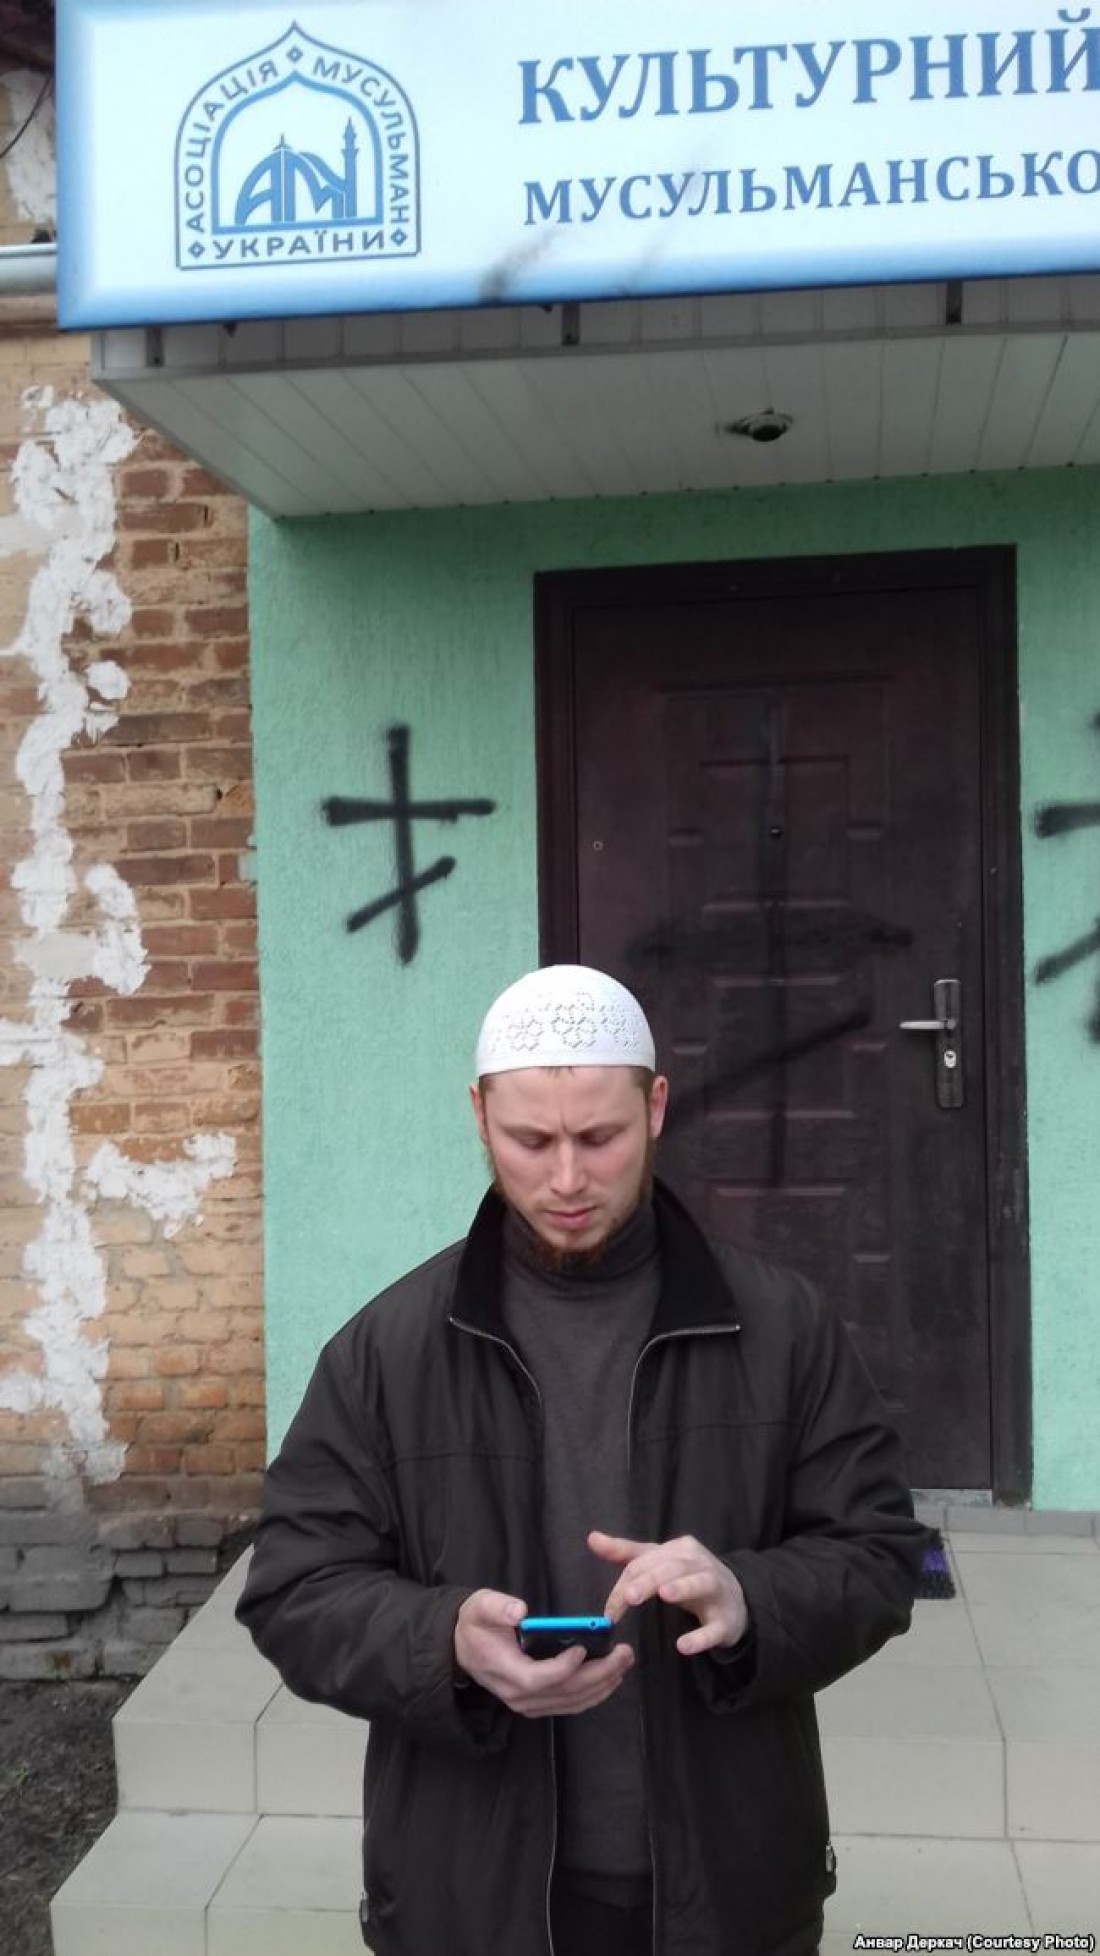 В 2016 году на помещении АМУ в Киеве нарисовали свастику